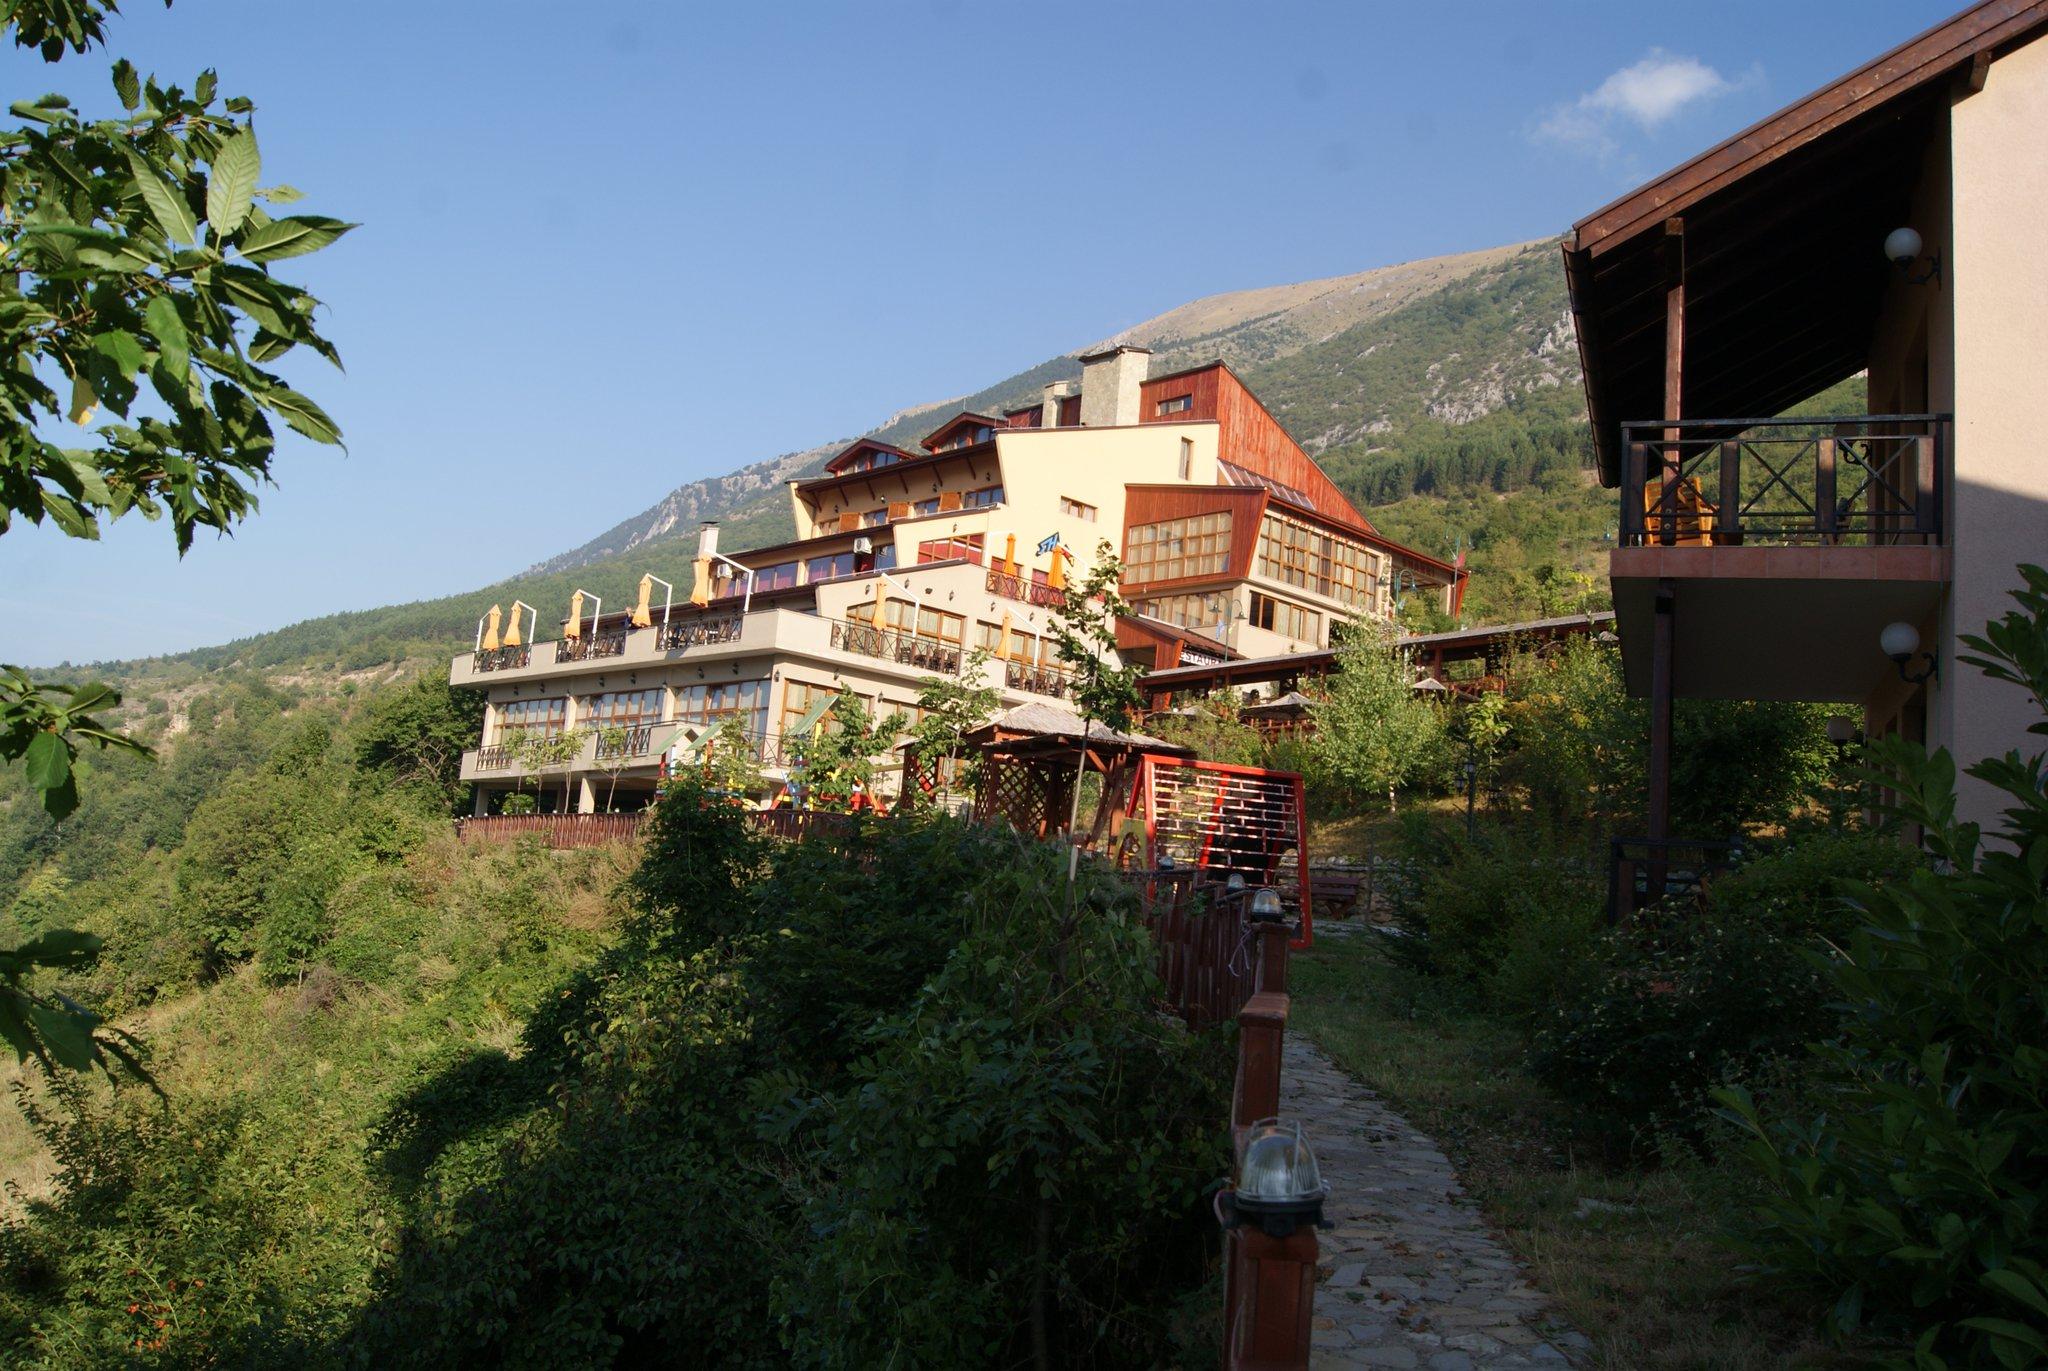 Hotel restaurant sharri prevalle